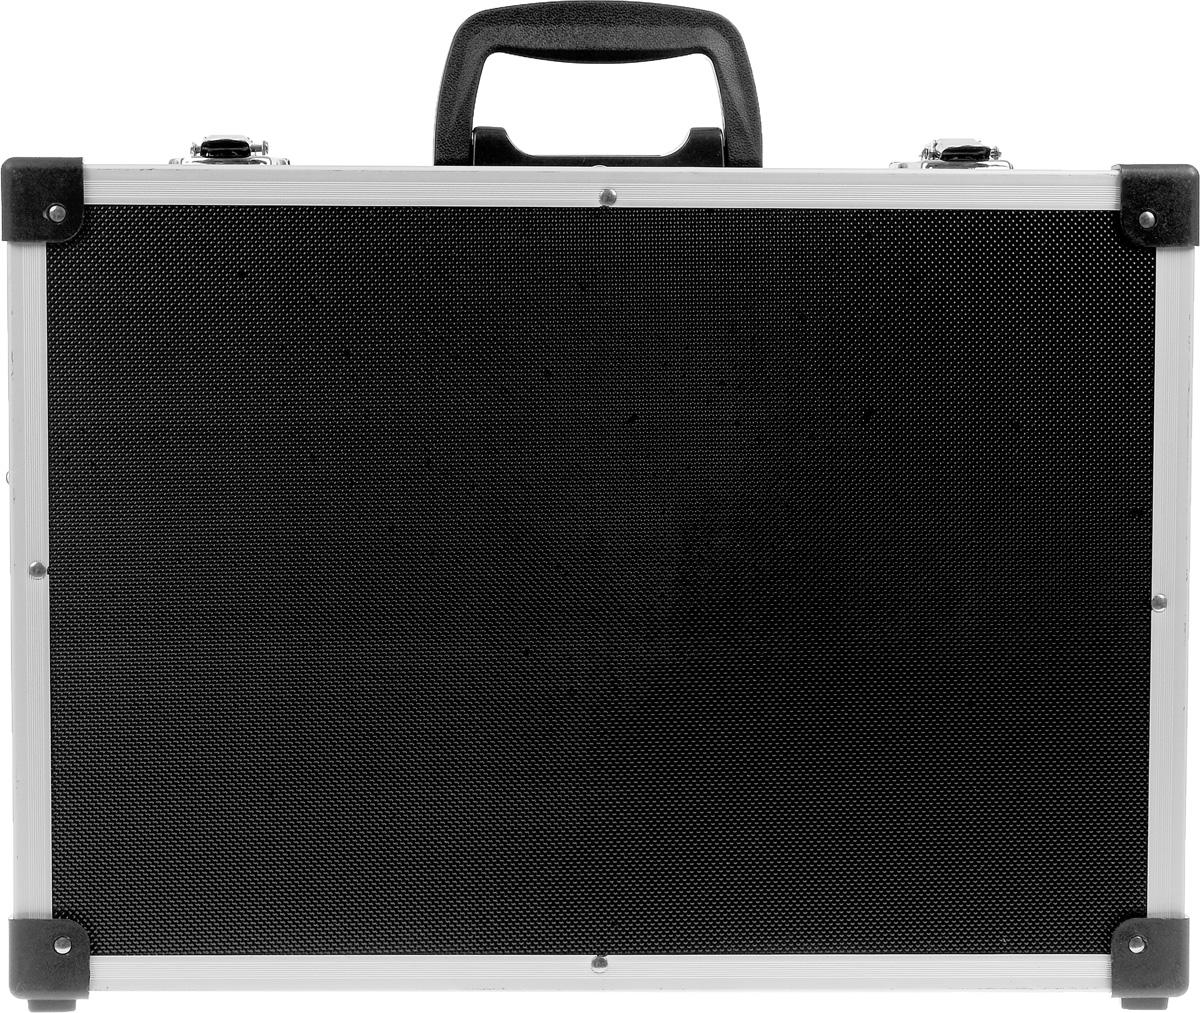 Ящик для инструментов алюминиевый FIT, цвет: черный, 43 х 31 х 13 см 65630